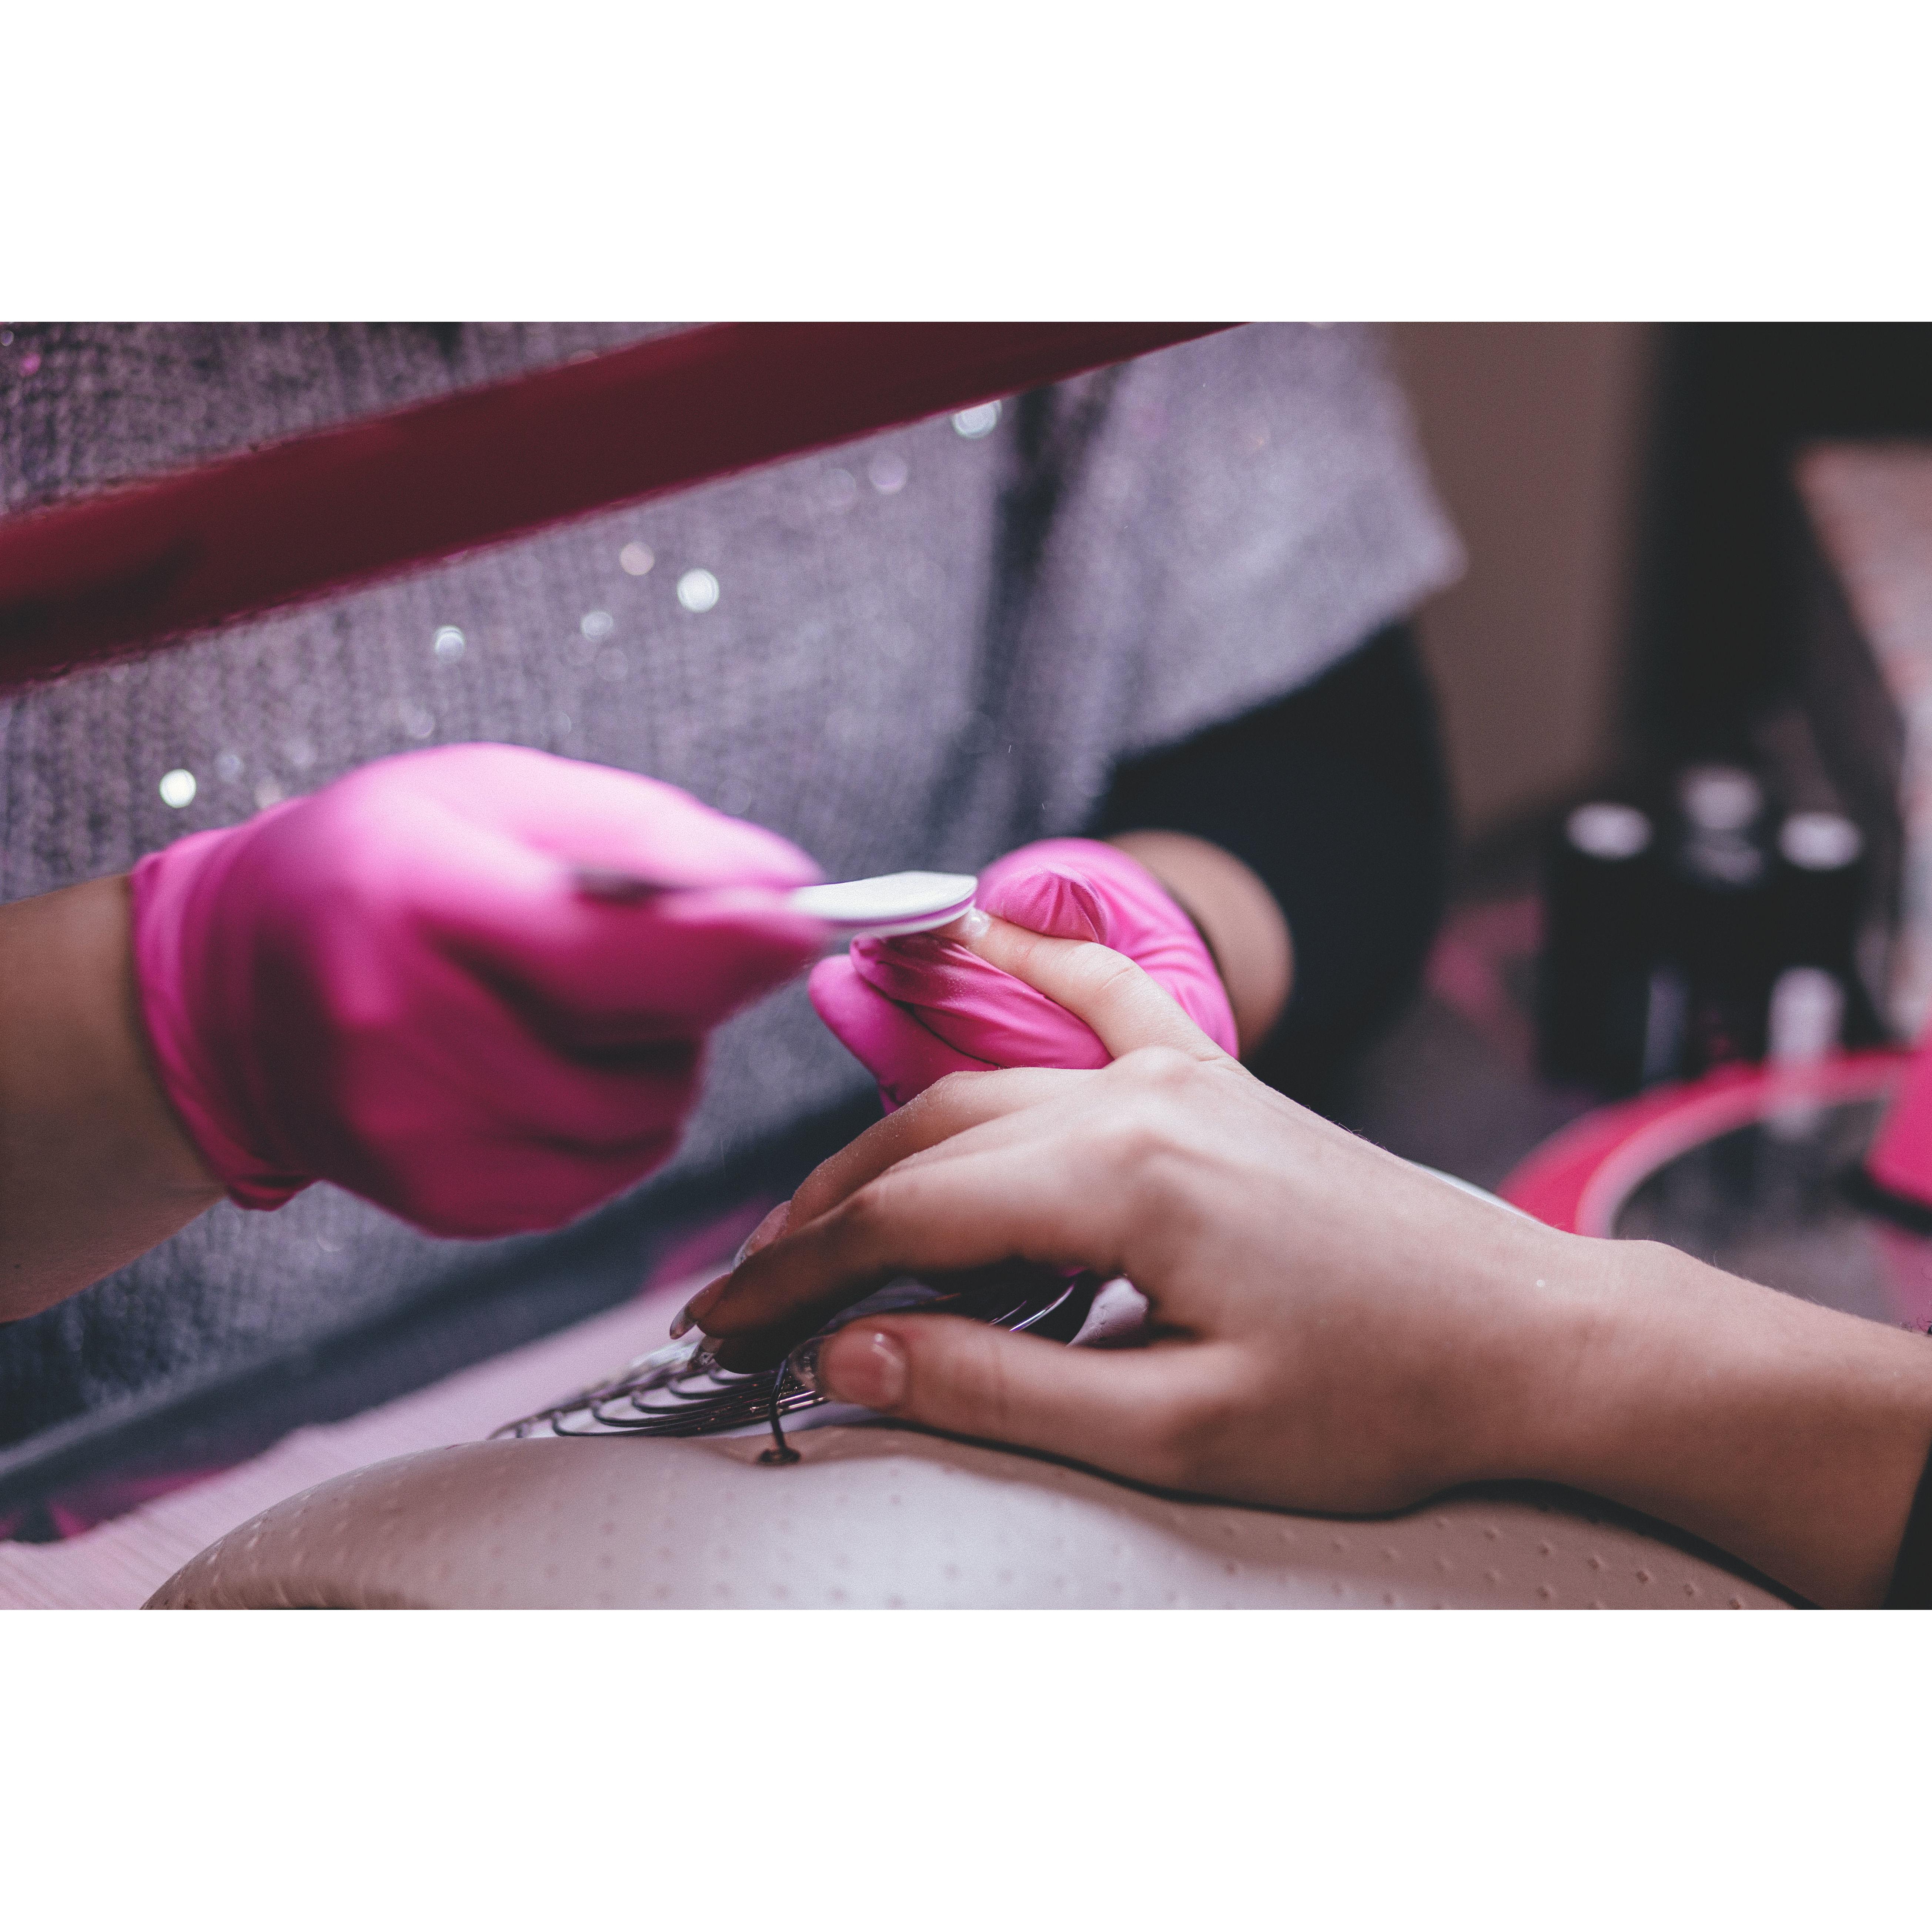 Nail Magic - Lakewood, WA - Beauty Salons & Hair Care